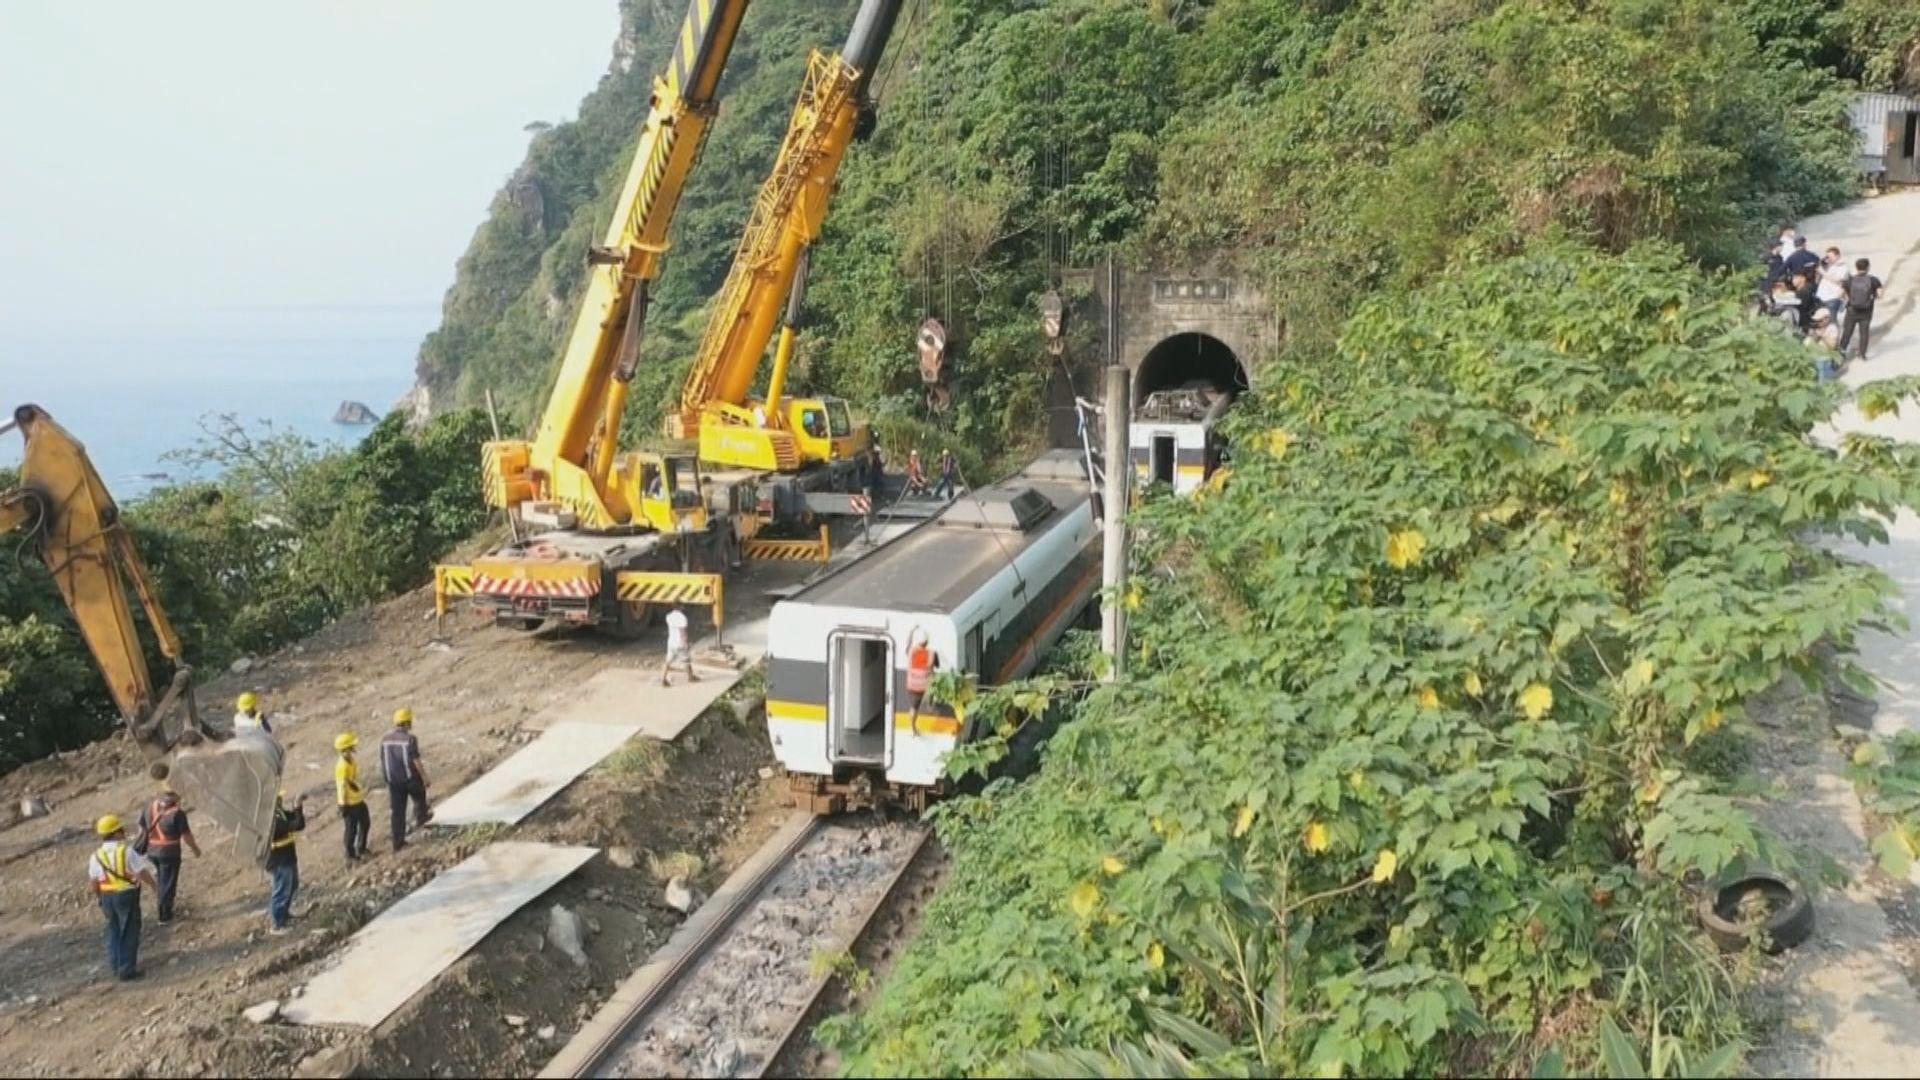 台鐵太魯閣號出軌事故 當局將死亡人數修訂為48人